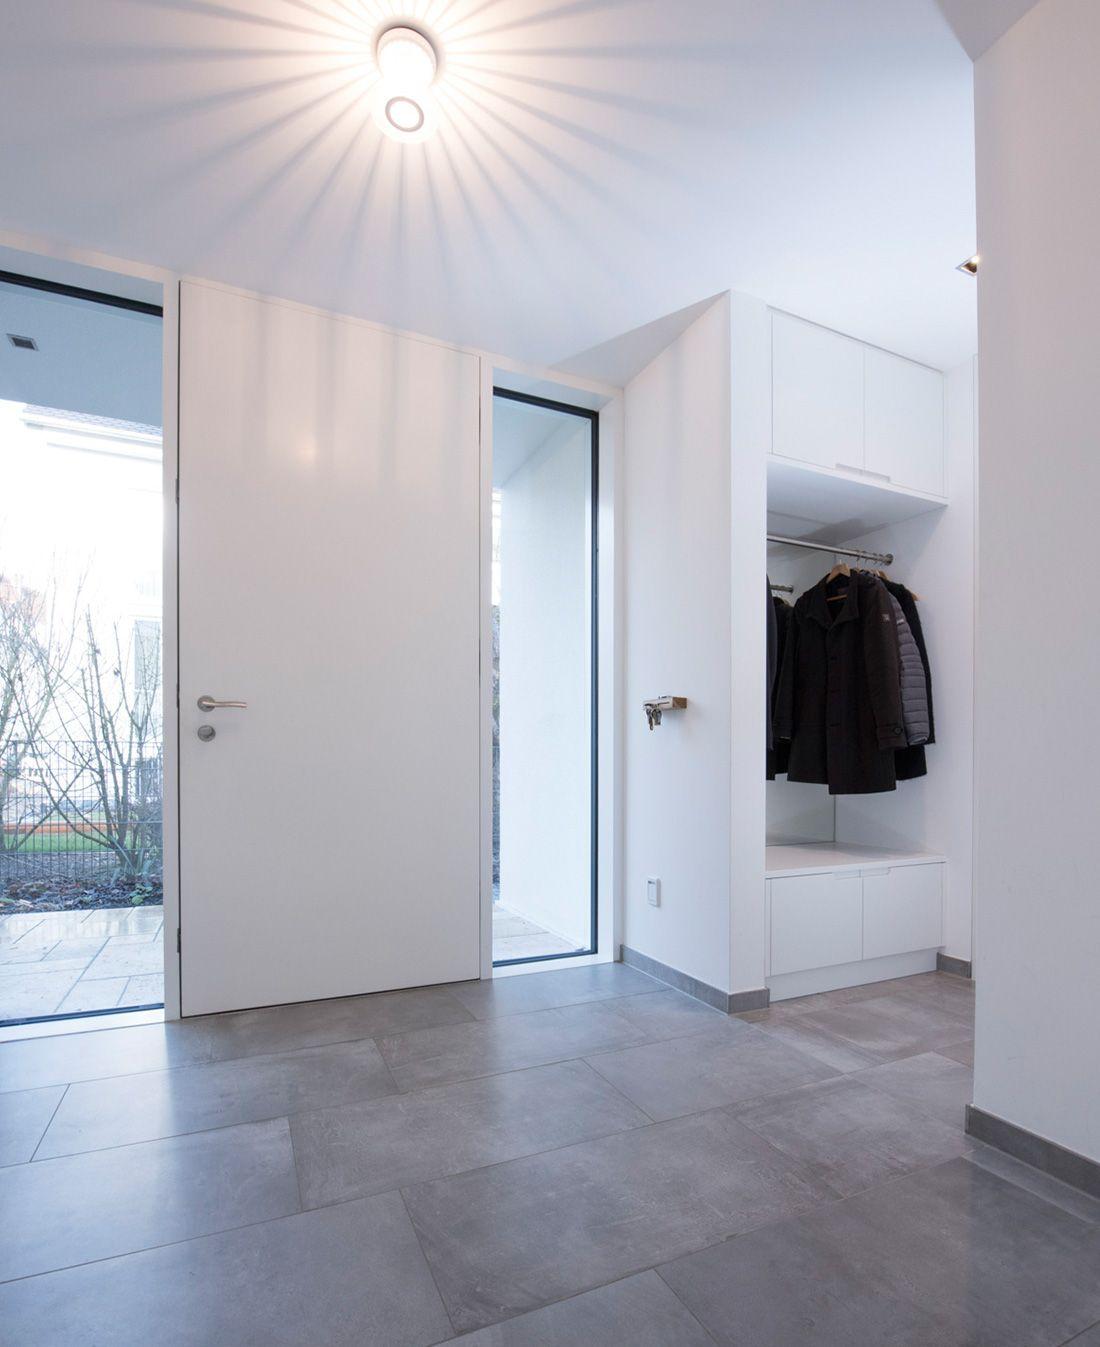 gaderobe 3 loft 78 wohnen in 2019 haus fliesen flur und fliesen. Black Bedroom Furniture Sets. Home Design Ideas